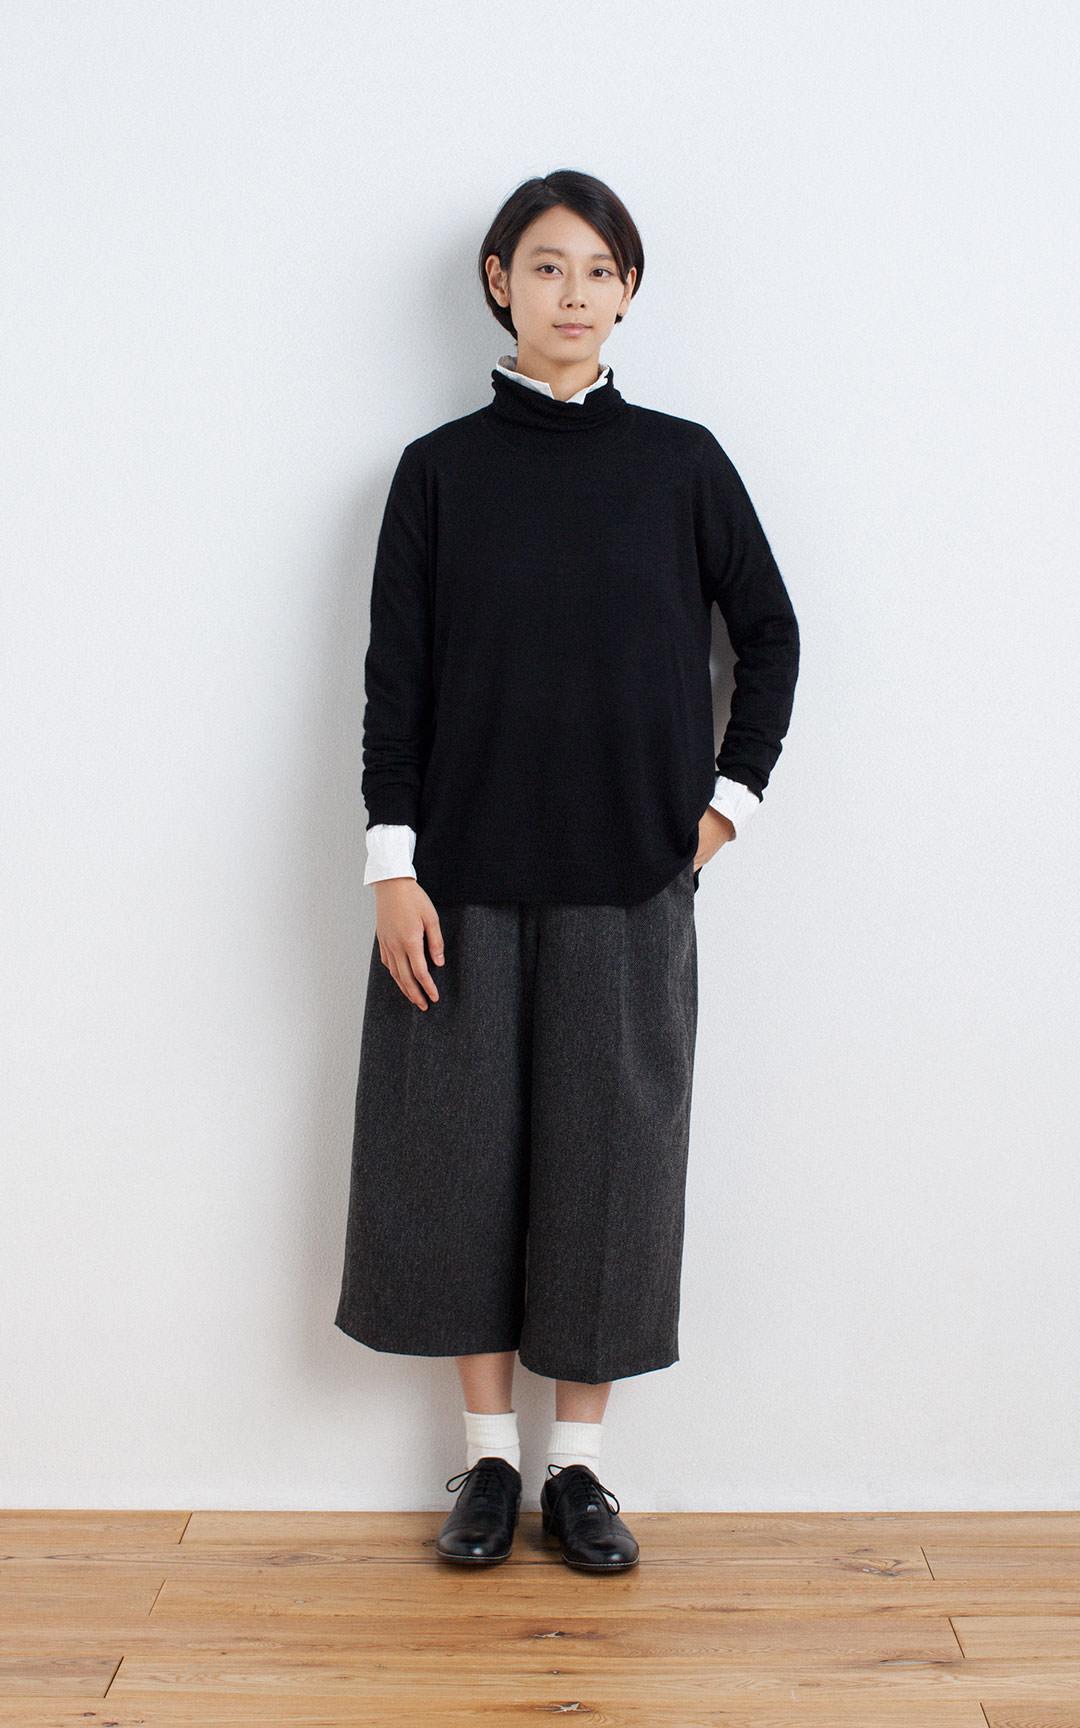 デザイナー、ファッションエディター等数々の業界のプロからも愛される、コスパ抜群&上質な無印良品の衣料品。 そんな無印良品の秋冬シーズンの服が、8月25日から、  ...